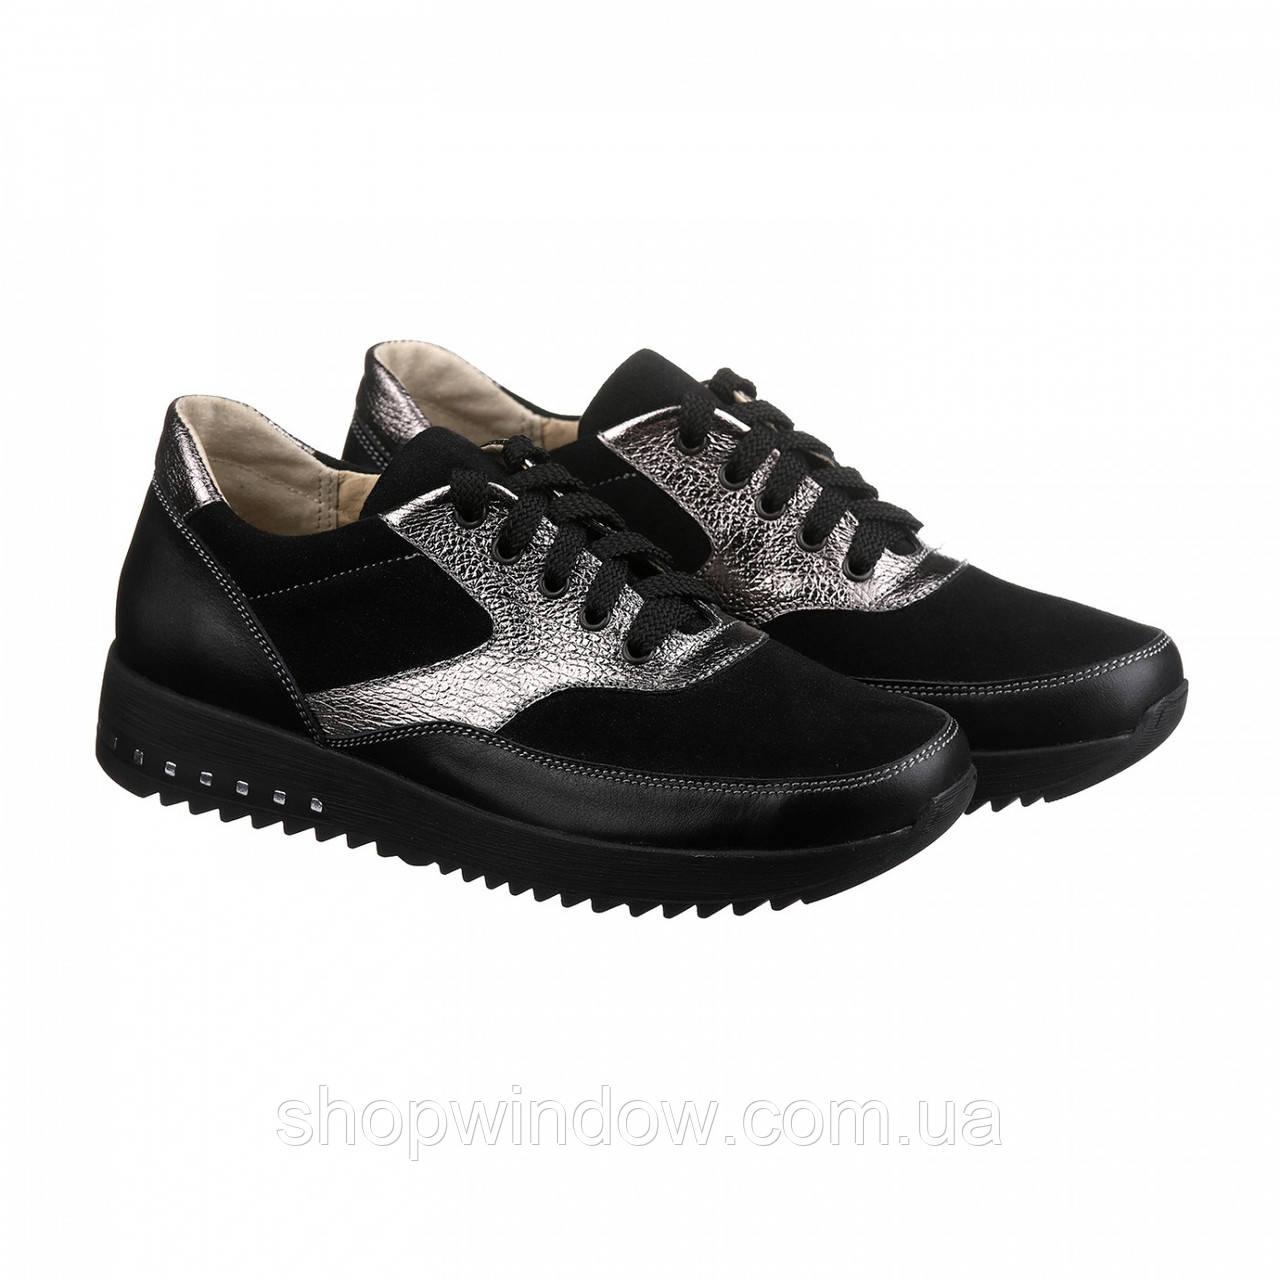 0e93c5154 Осенние женские кроссовки черного цвета. Стильные кроссовки. Женская обувь. Качественная  обувь - Интернет